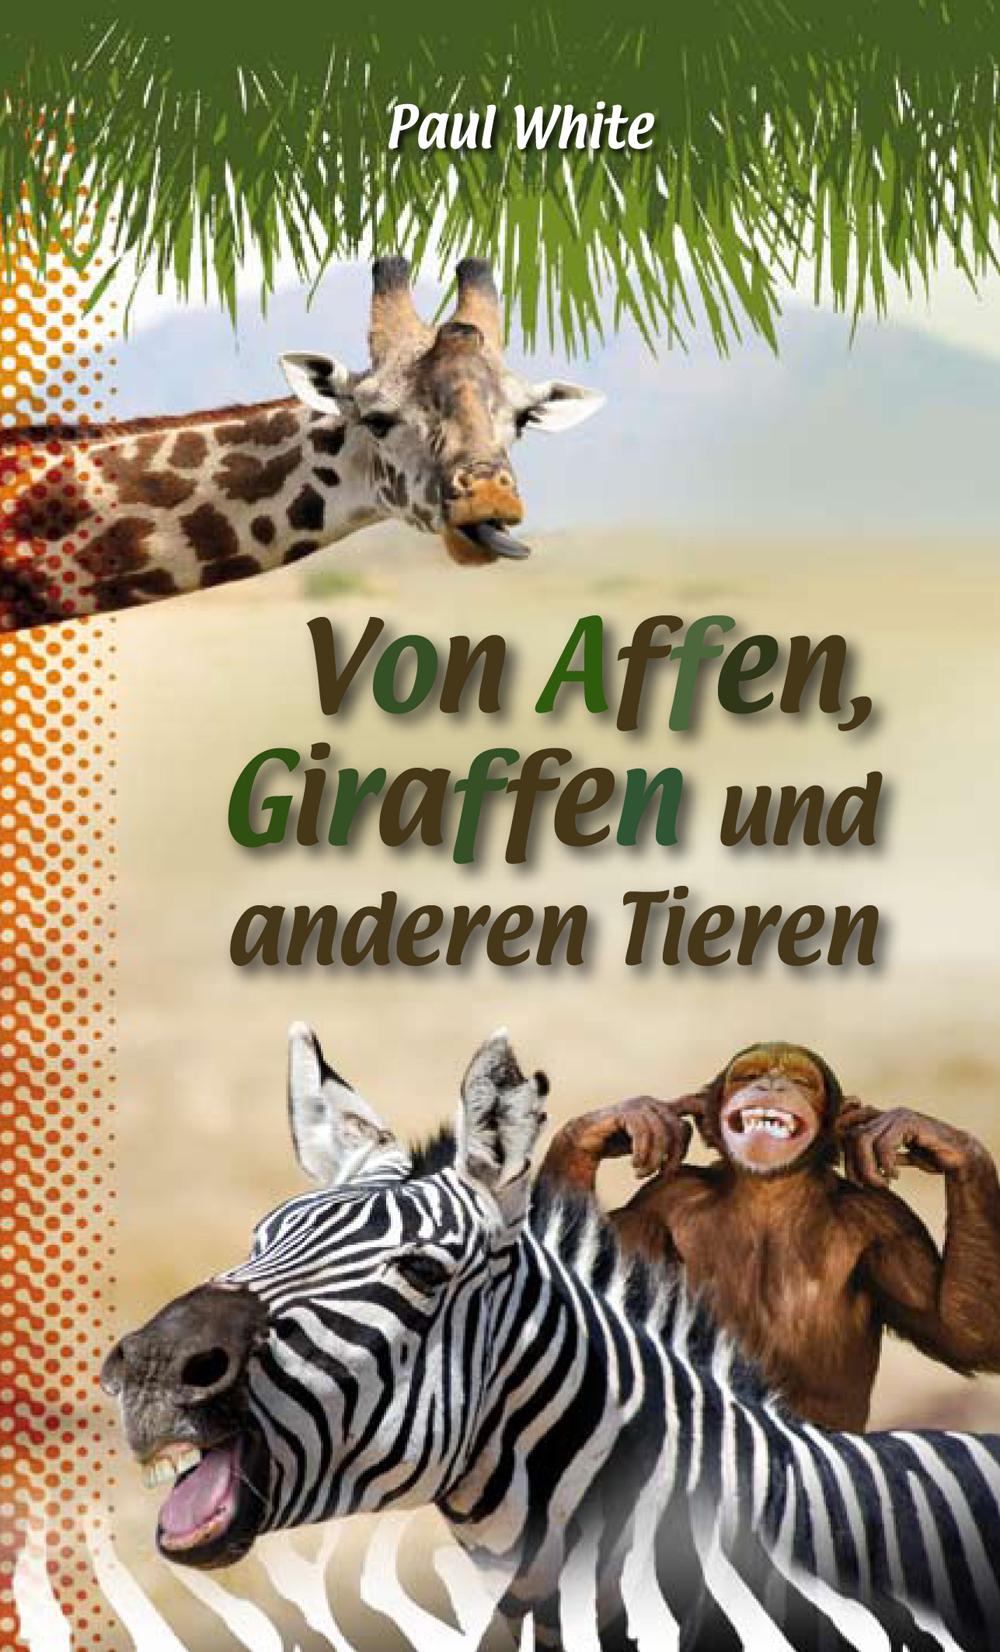 CLV_von-affen-giraffen-und-anderen-tieren_paul-white_256115_1